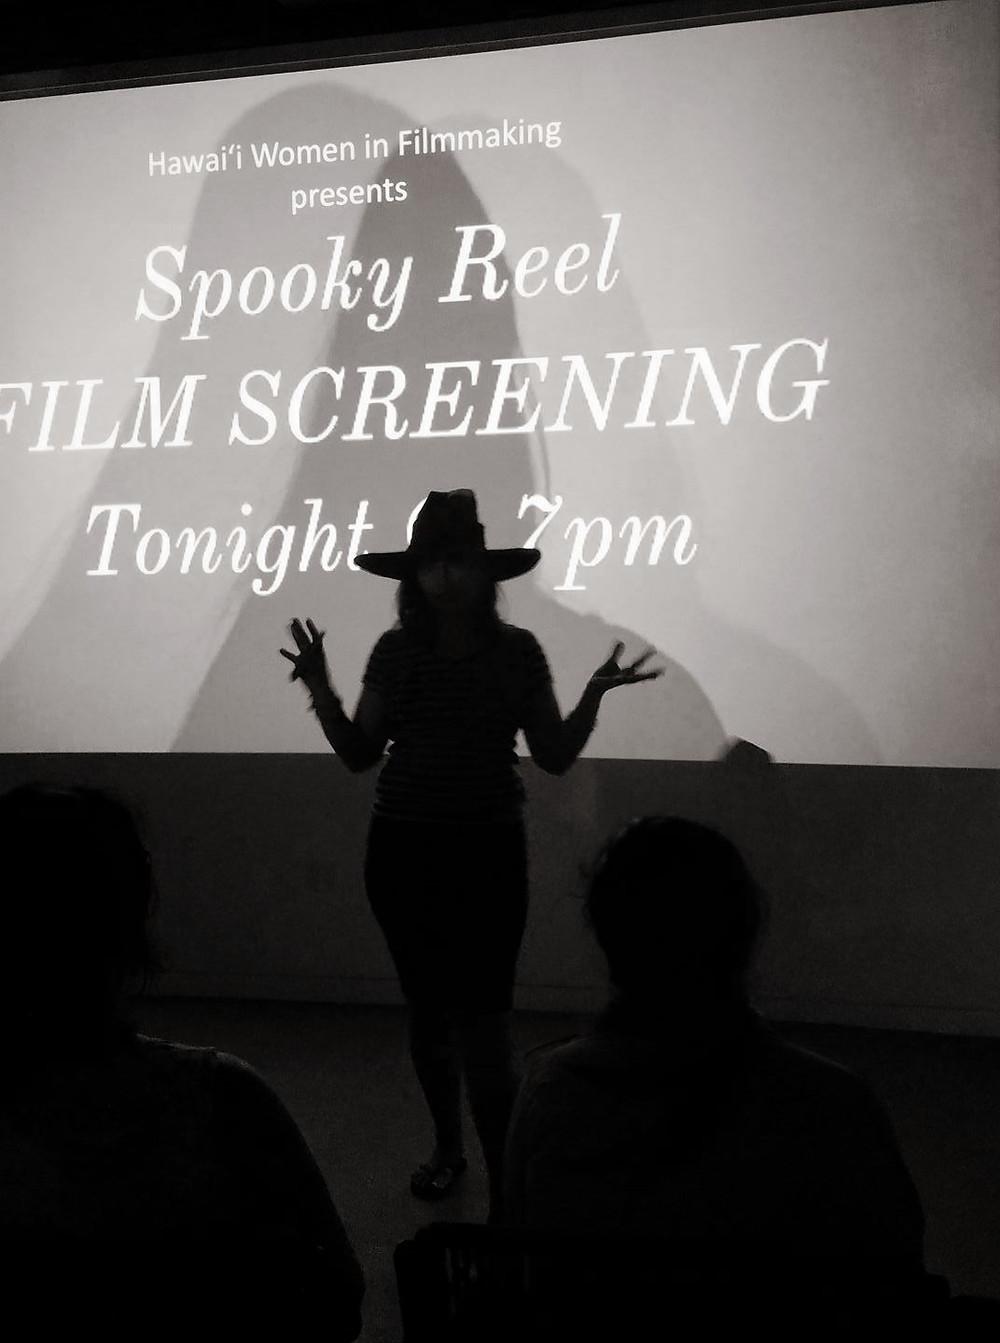 Spooky reel camp